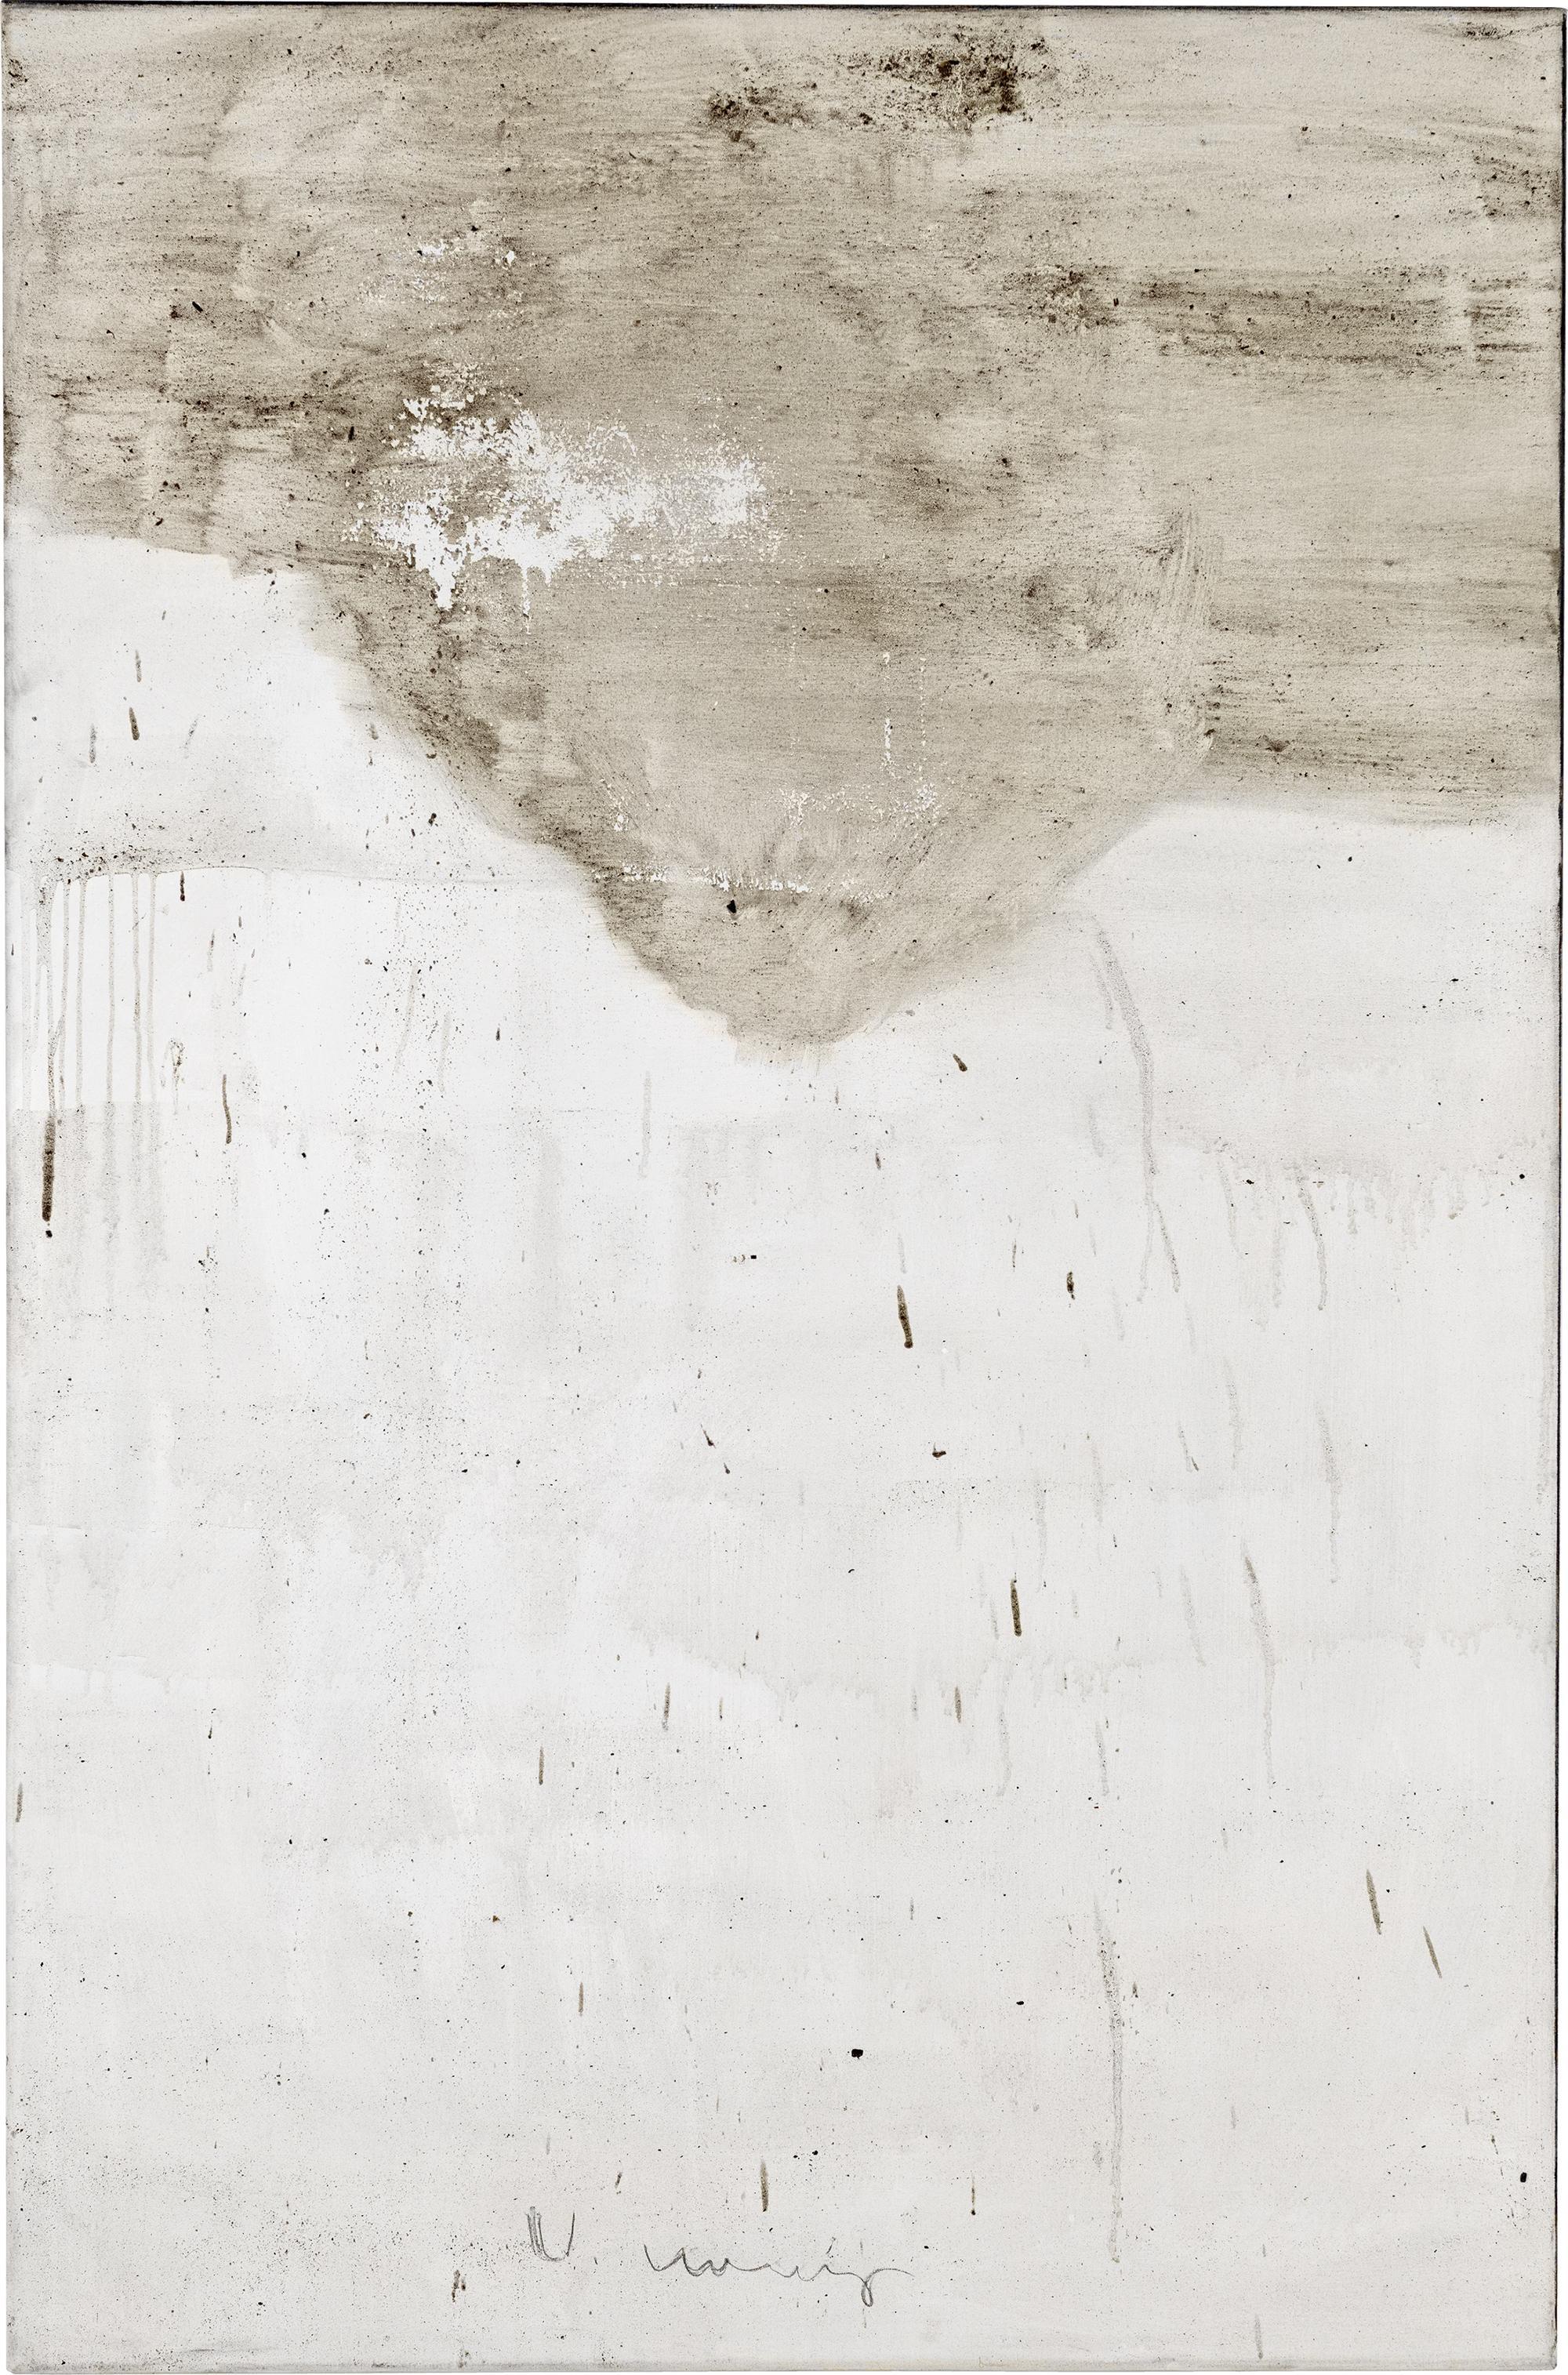 Ashes to Ashes 15  // Asche auf Leinwand // 150 x 100 cm // 2011